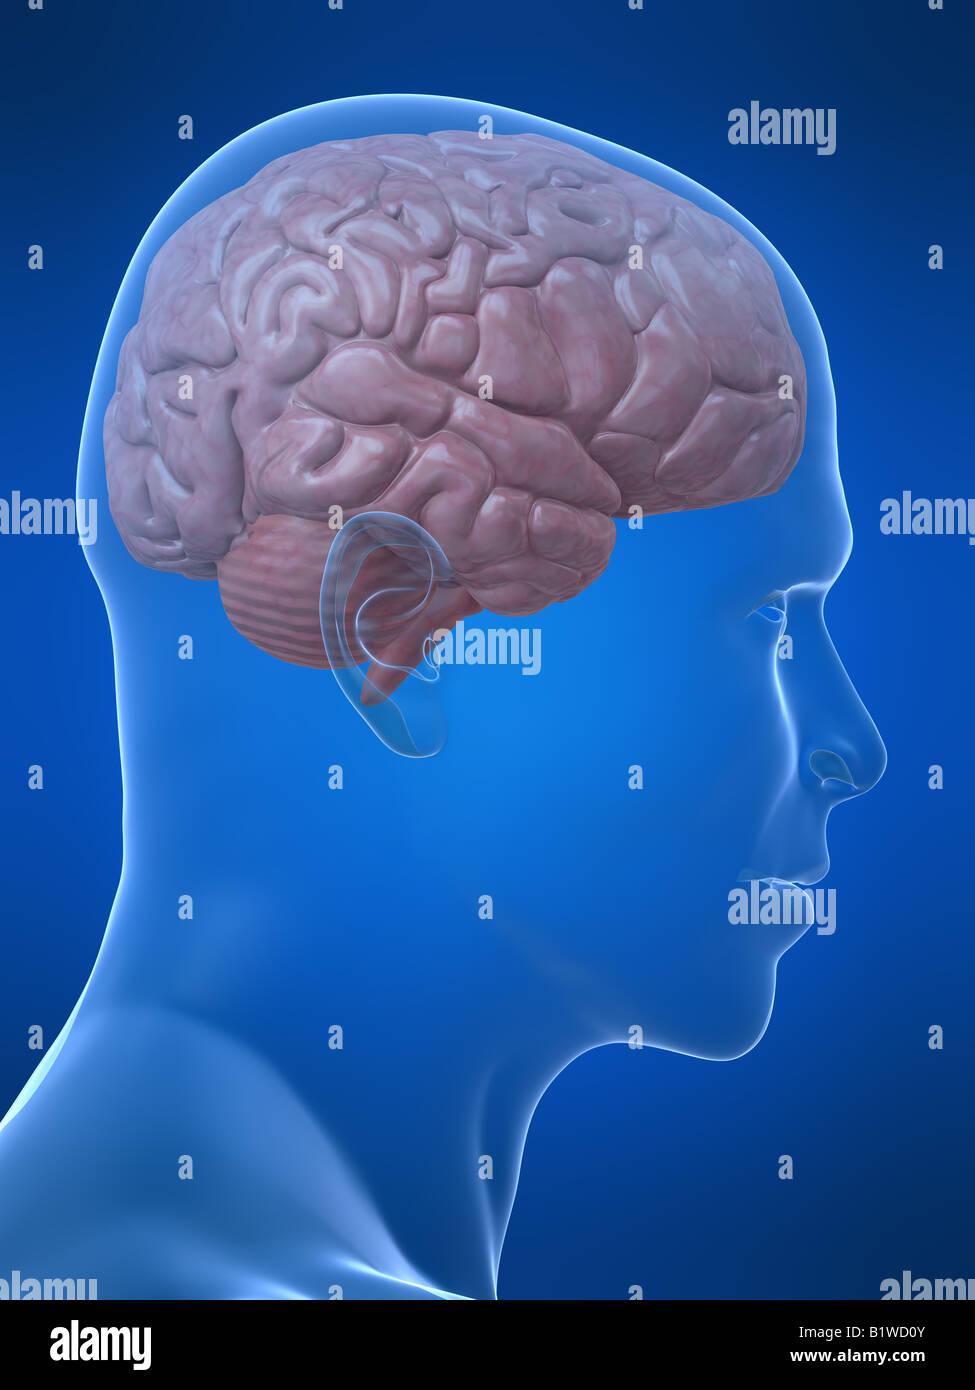 Fantastisch Markierte Bilder Des Gehirns Ideen - Anatomie Von ...